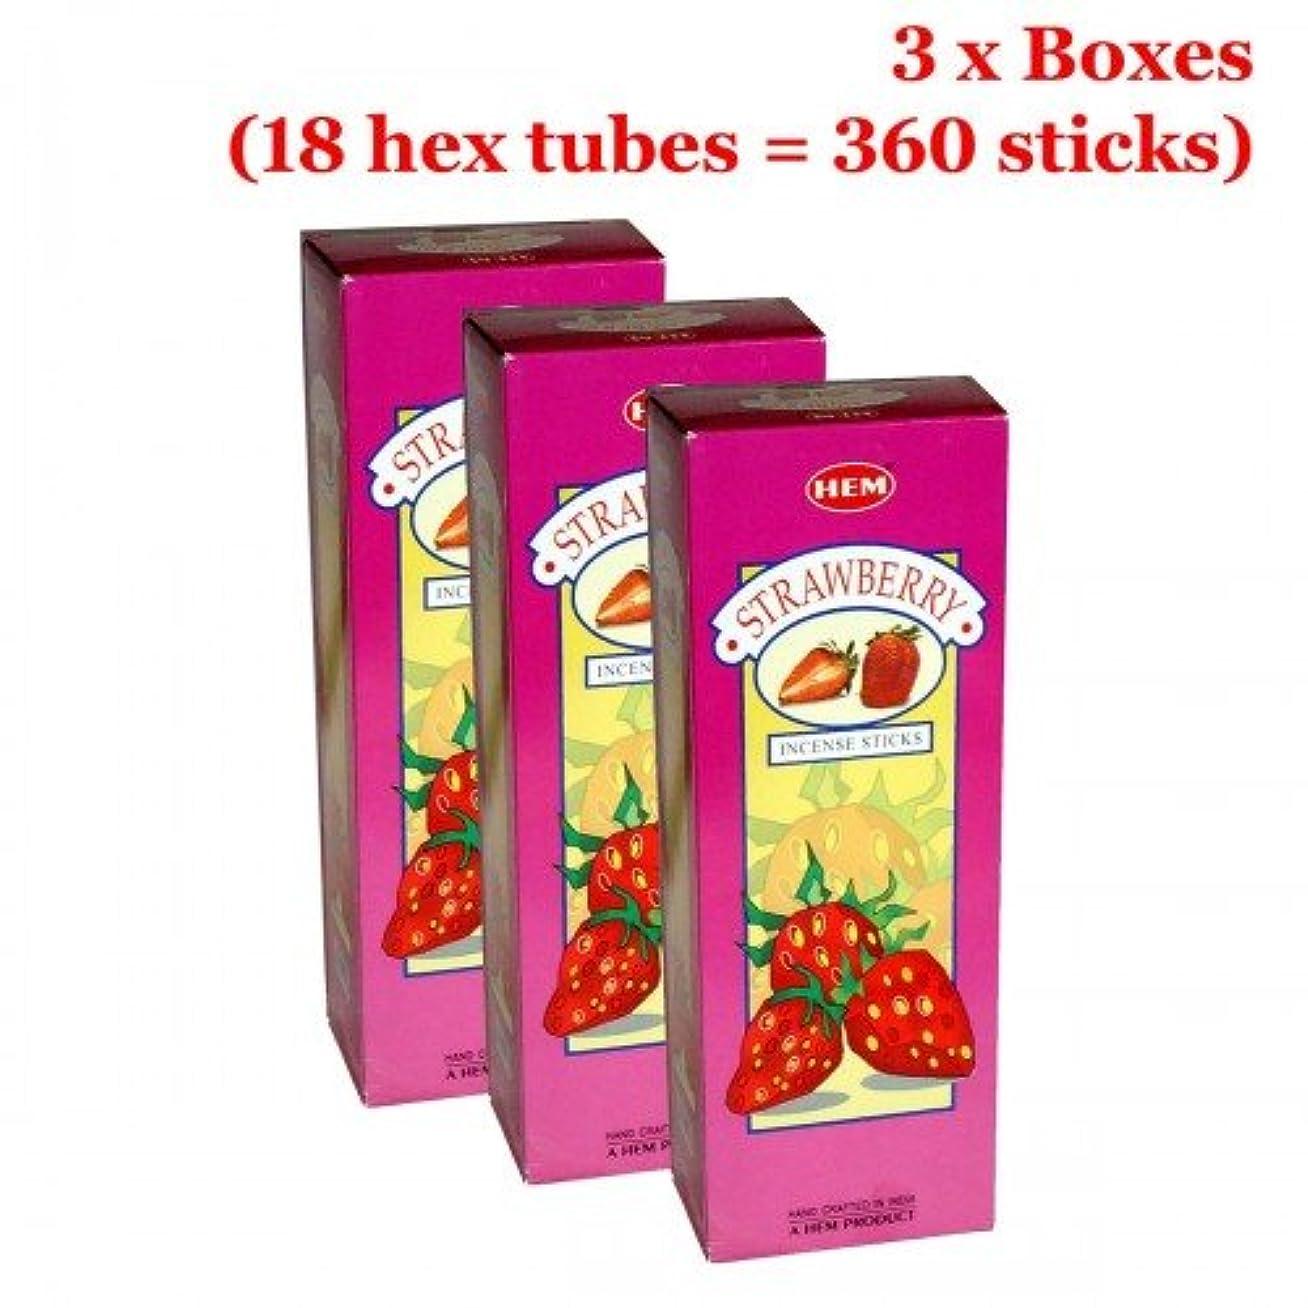 仕事敏感な列挙するHemストロベリー香、3ボックス – (360 Sticksバルクper order)